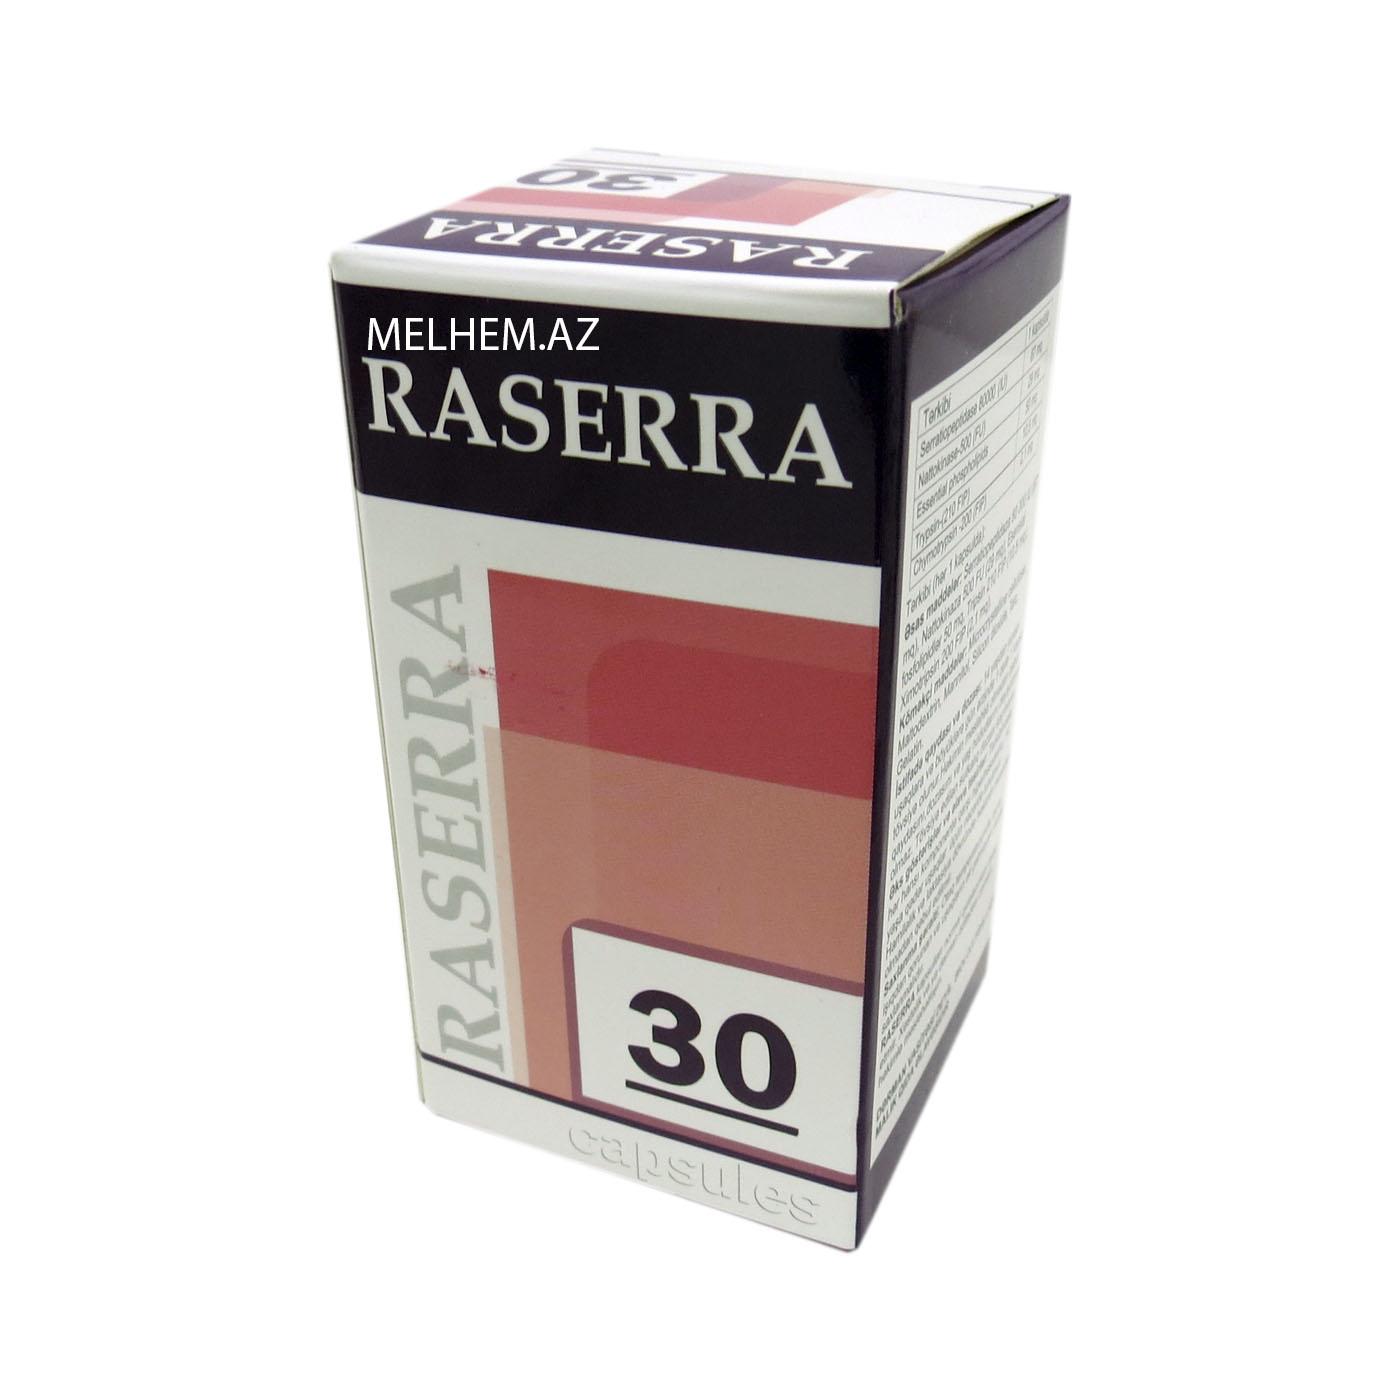 RASERRA N30 (KAPSUL)